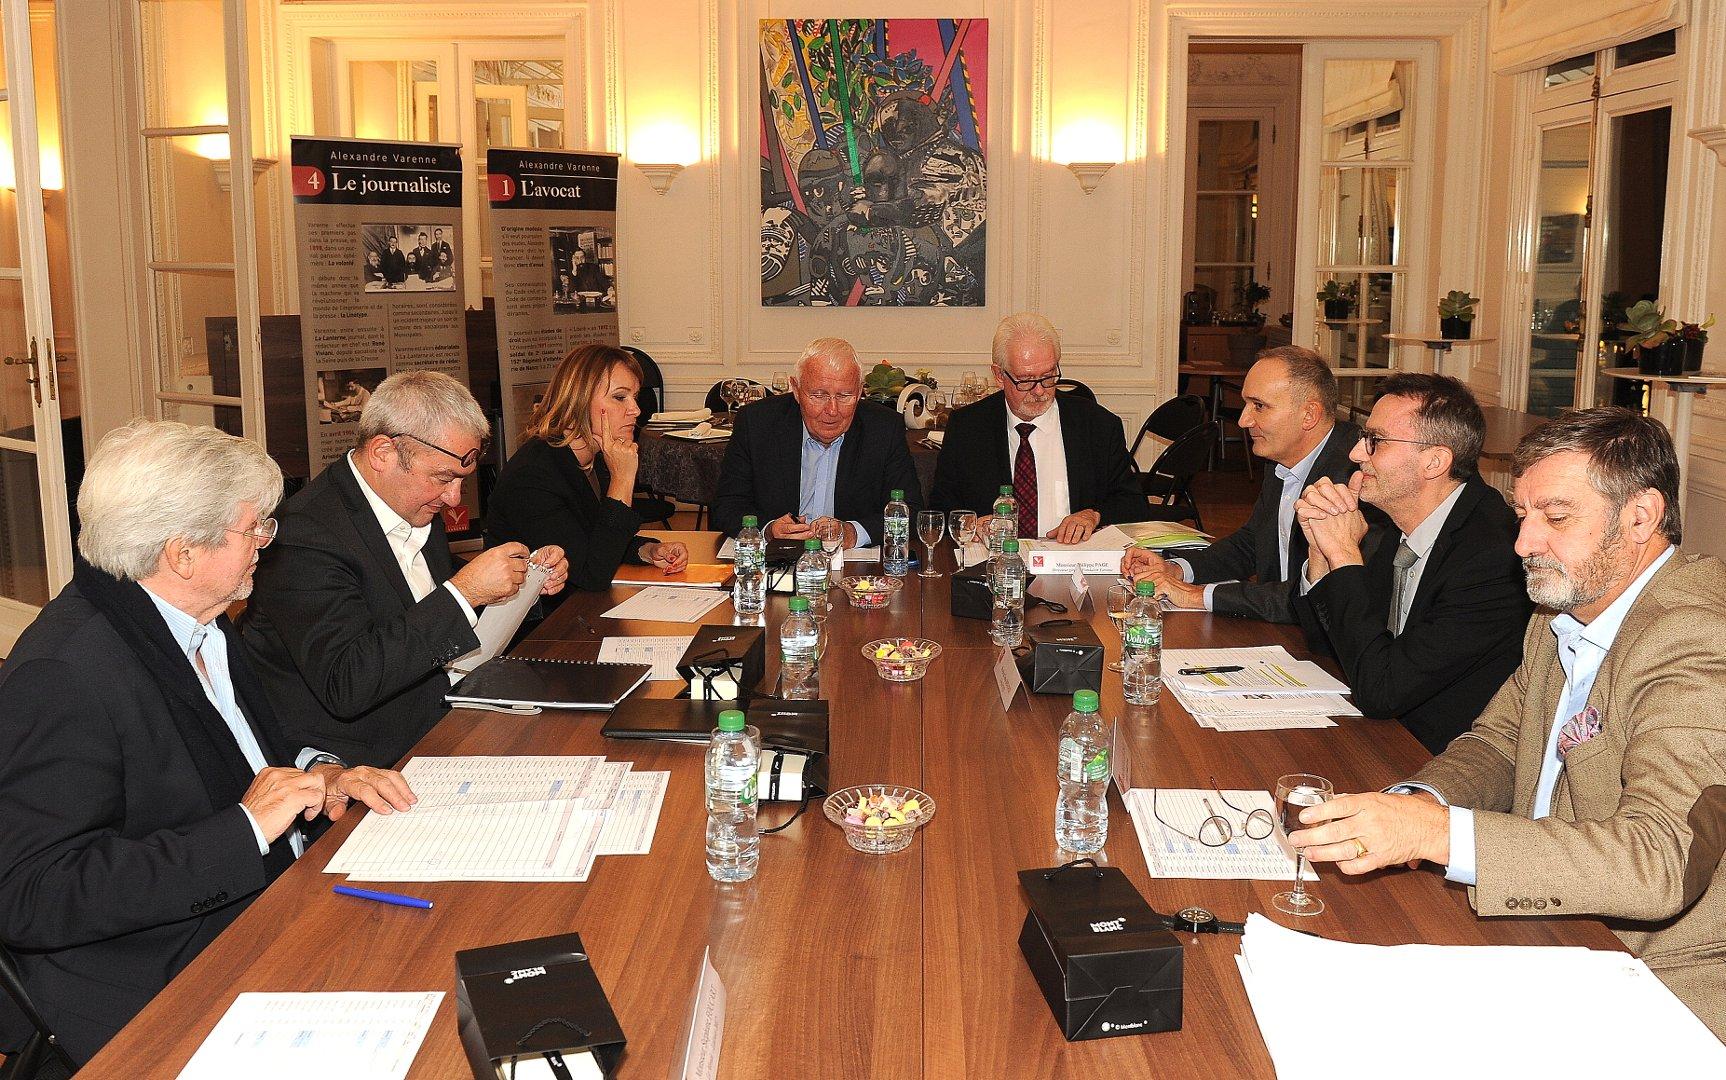 Le jury Presse quotidienne nationale